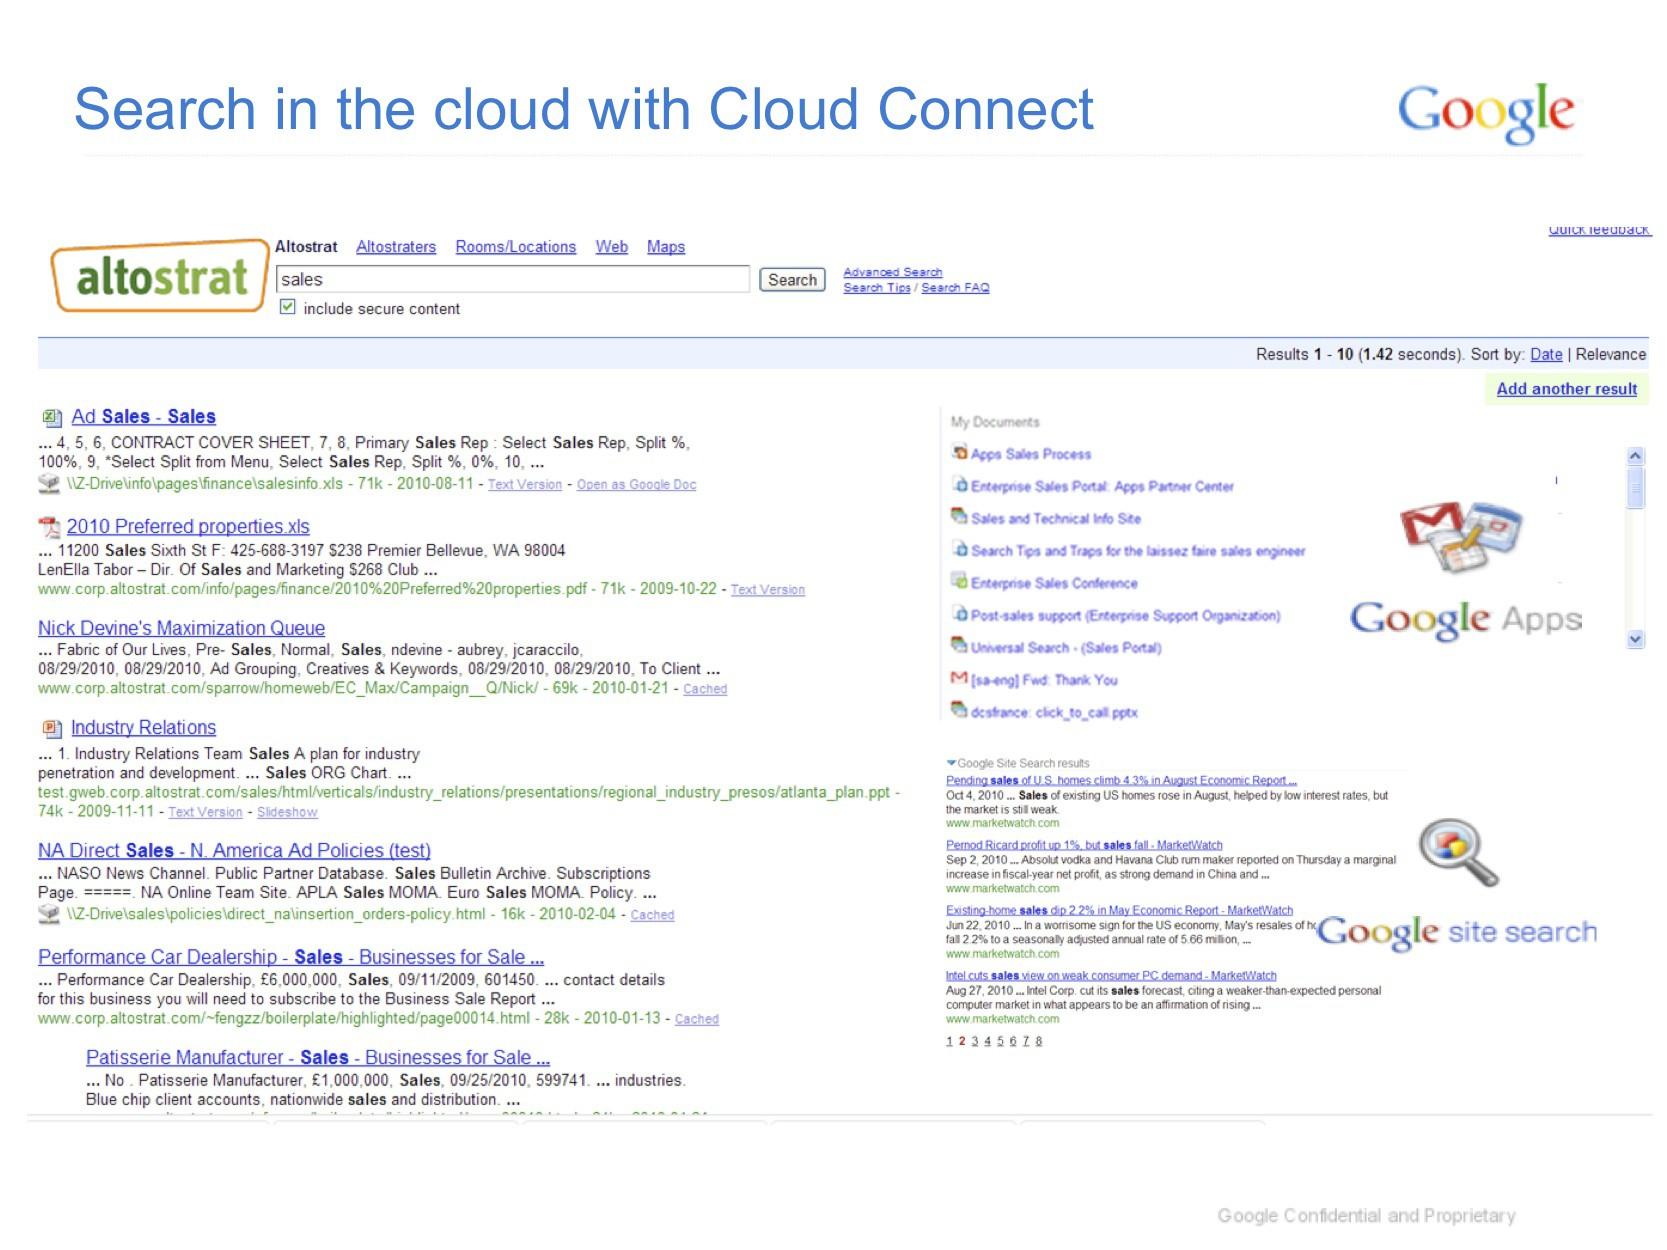 Search Appliance 6.8: Google durchsucht Unternehmen und Cloud-Dienste - Google Search Appliance 6.8 mit Cloud Connect